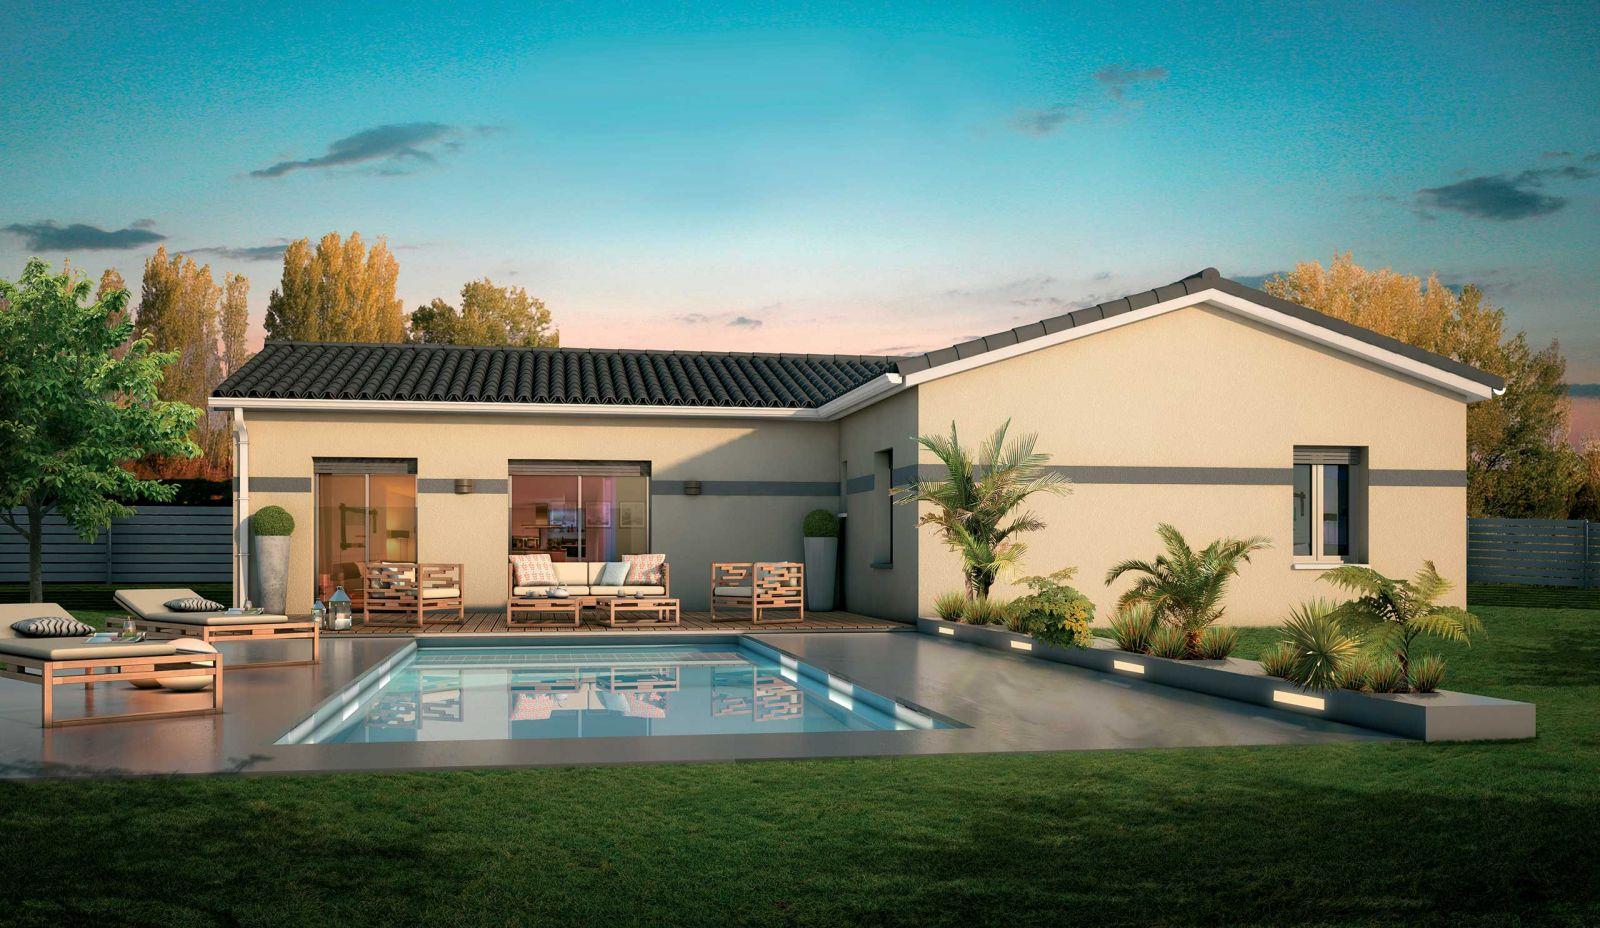 Terrain de 1150 m² + Maison de 100 m² + Garage de 15 m² sur la commune de Baurech